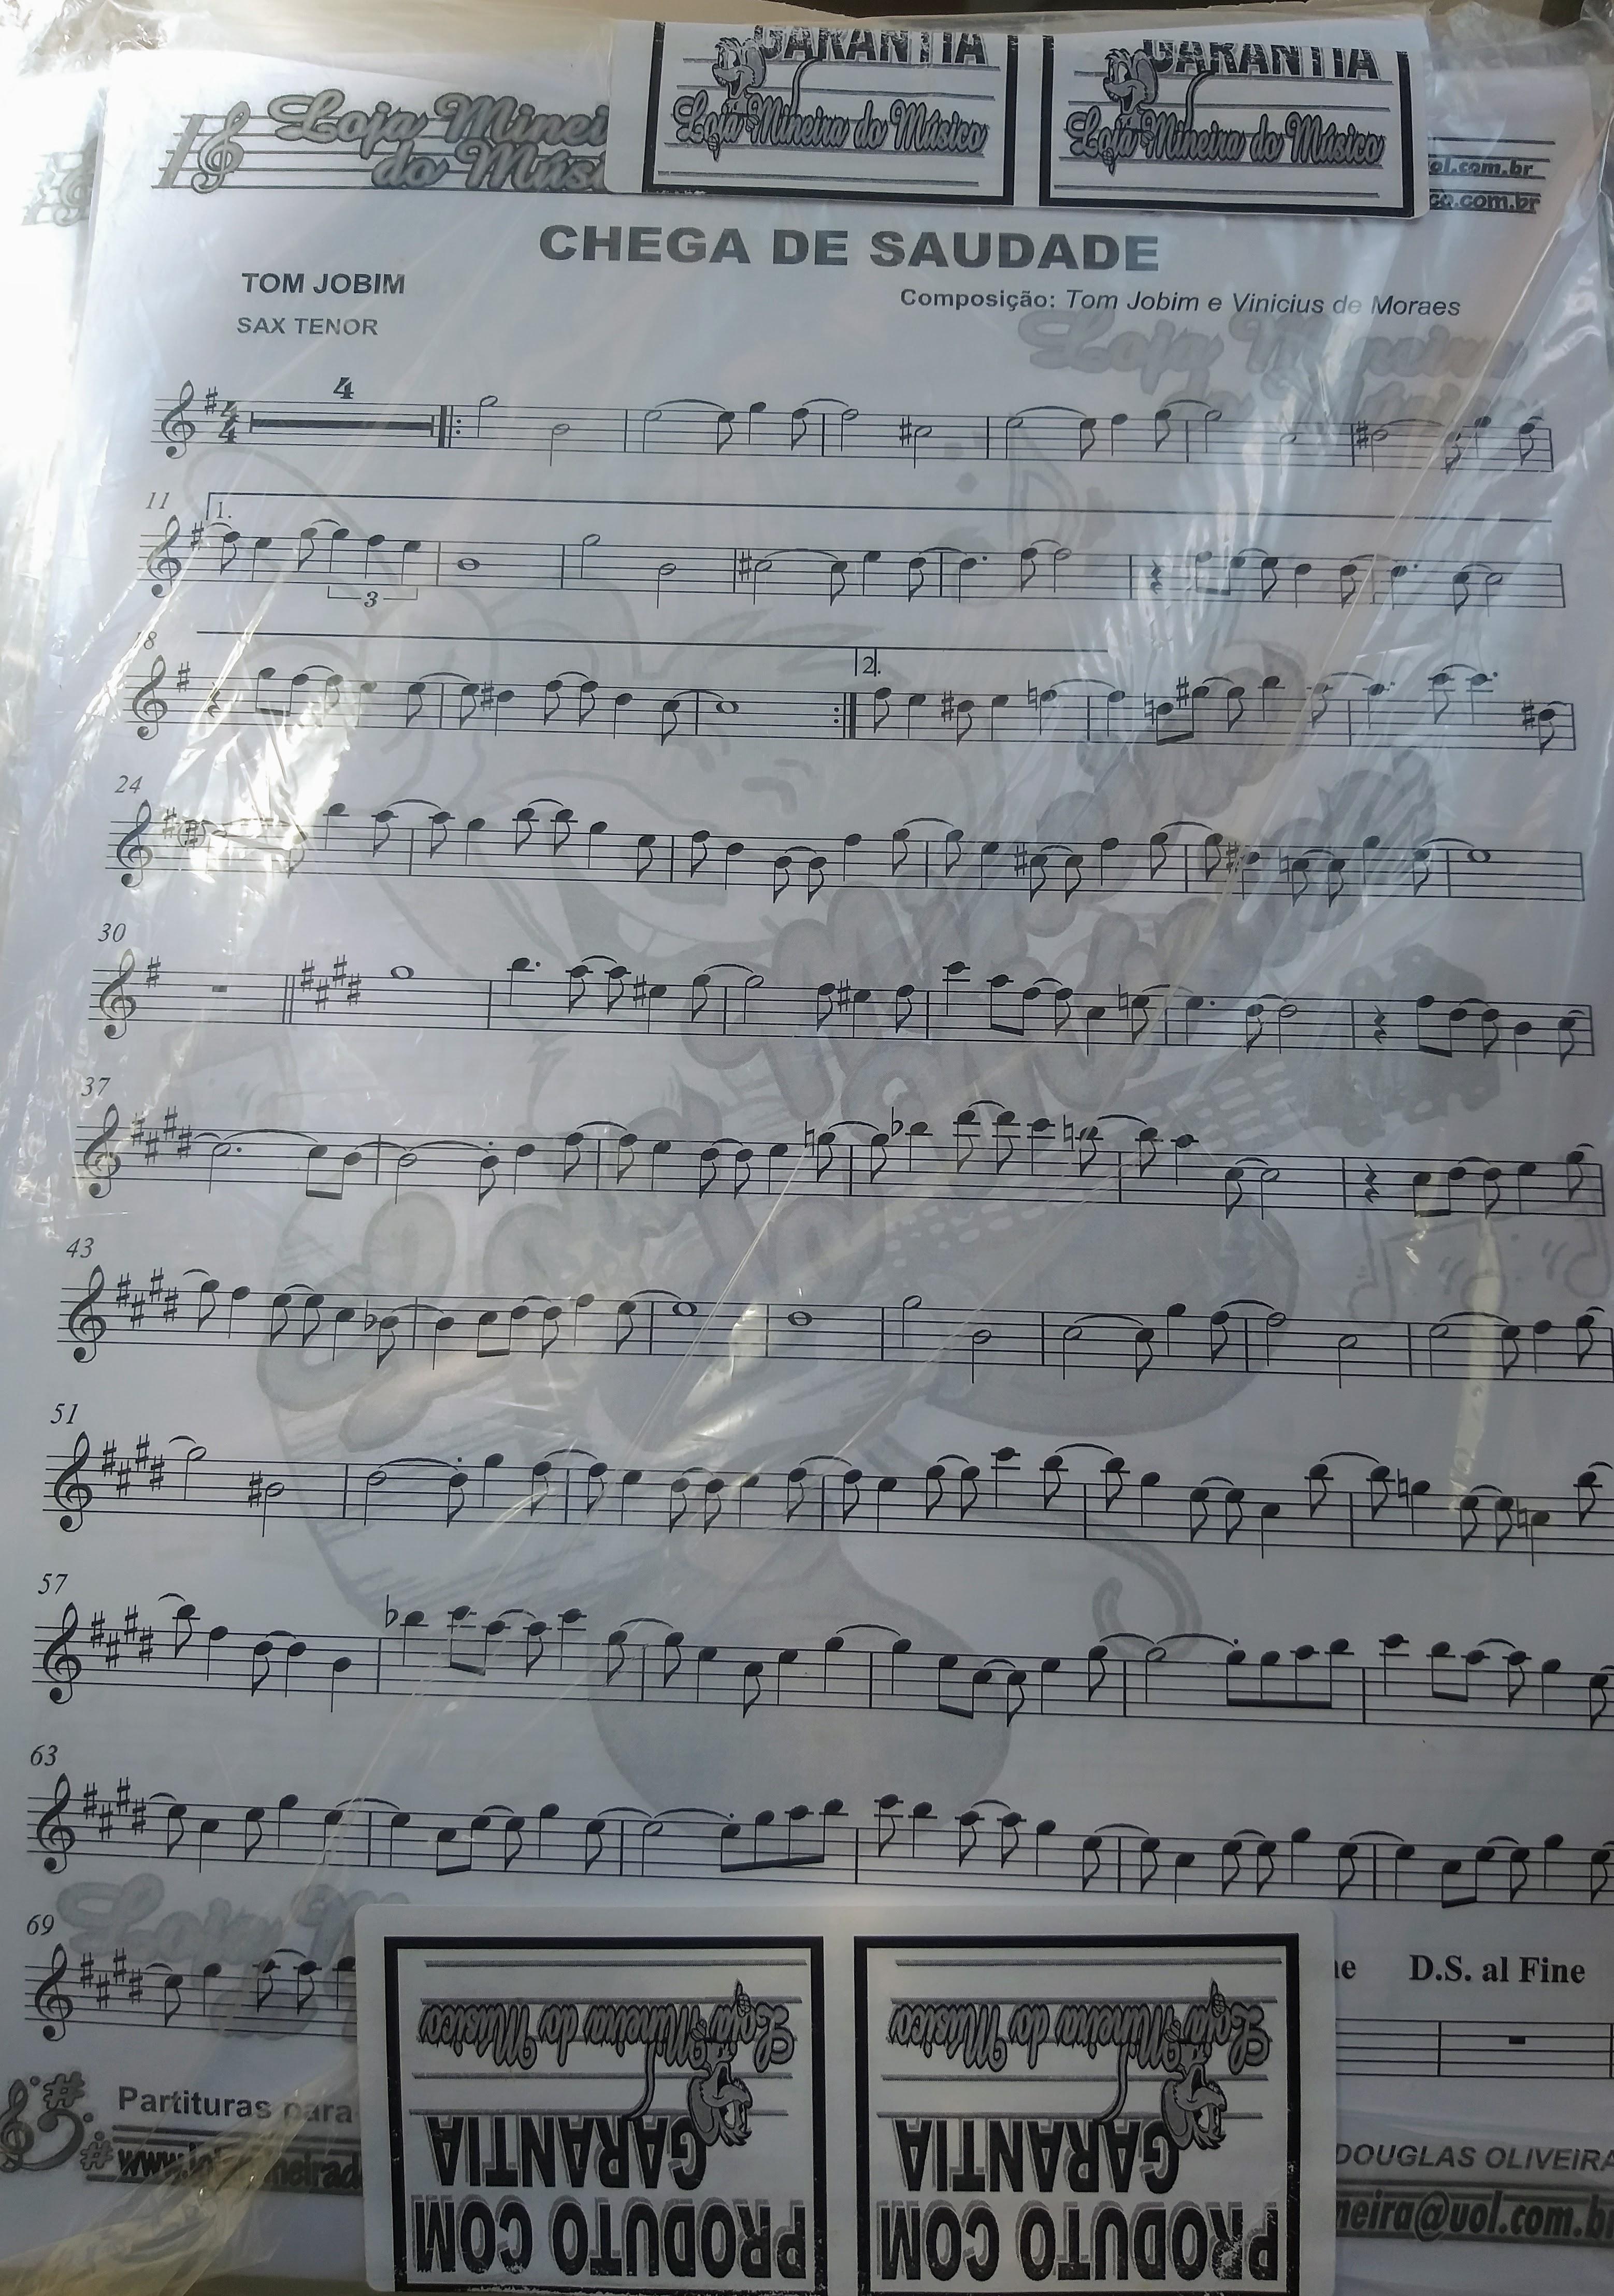 Partitura bossa nova para sax tenor e alto. Bossa nova para saxofone. Só danço samba chega de saudade e outras